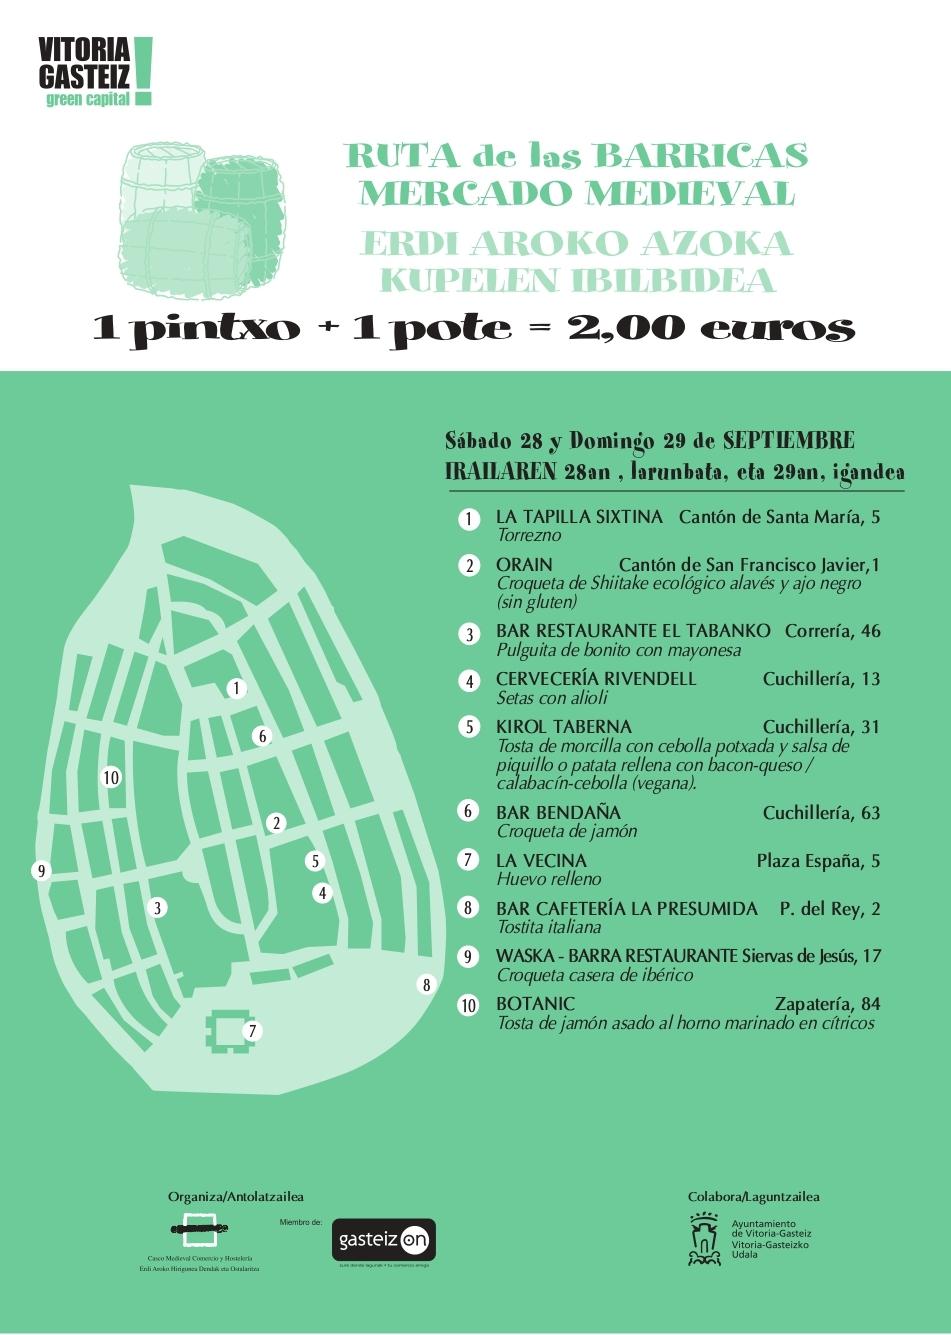 Mercado Medieval de Vitoria Gasteiz del 27 al 29 de septiembre